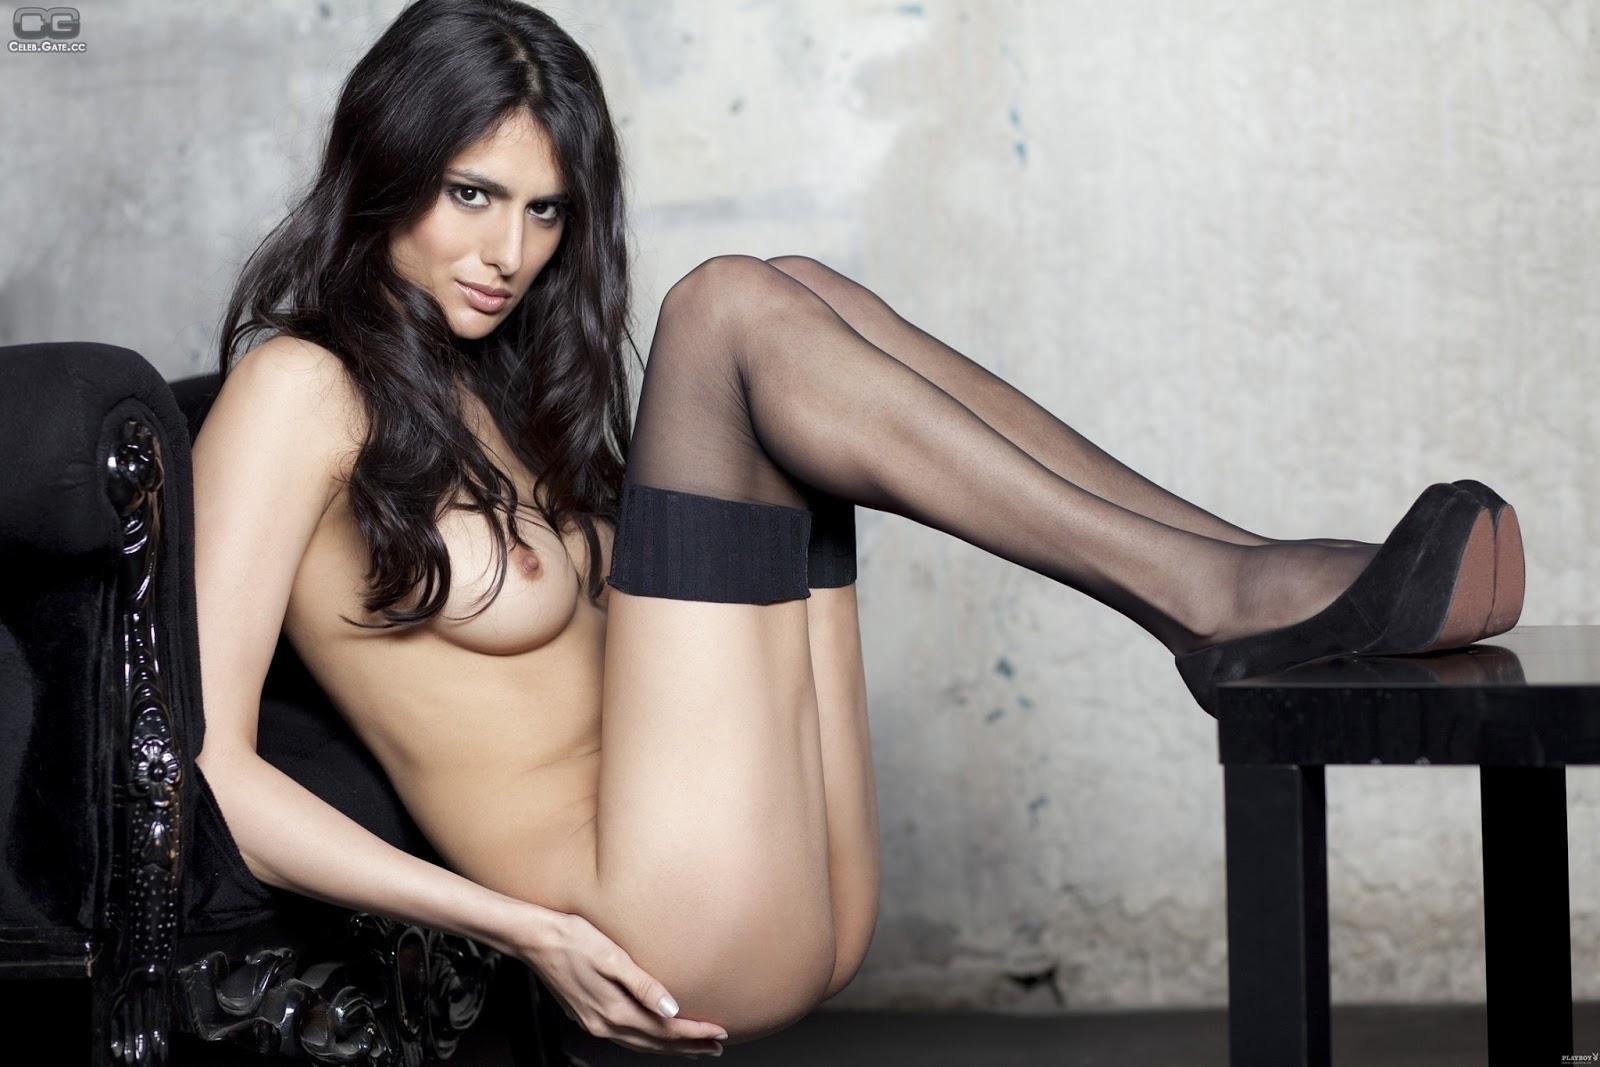 hairy Gabriela sabatini naked